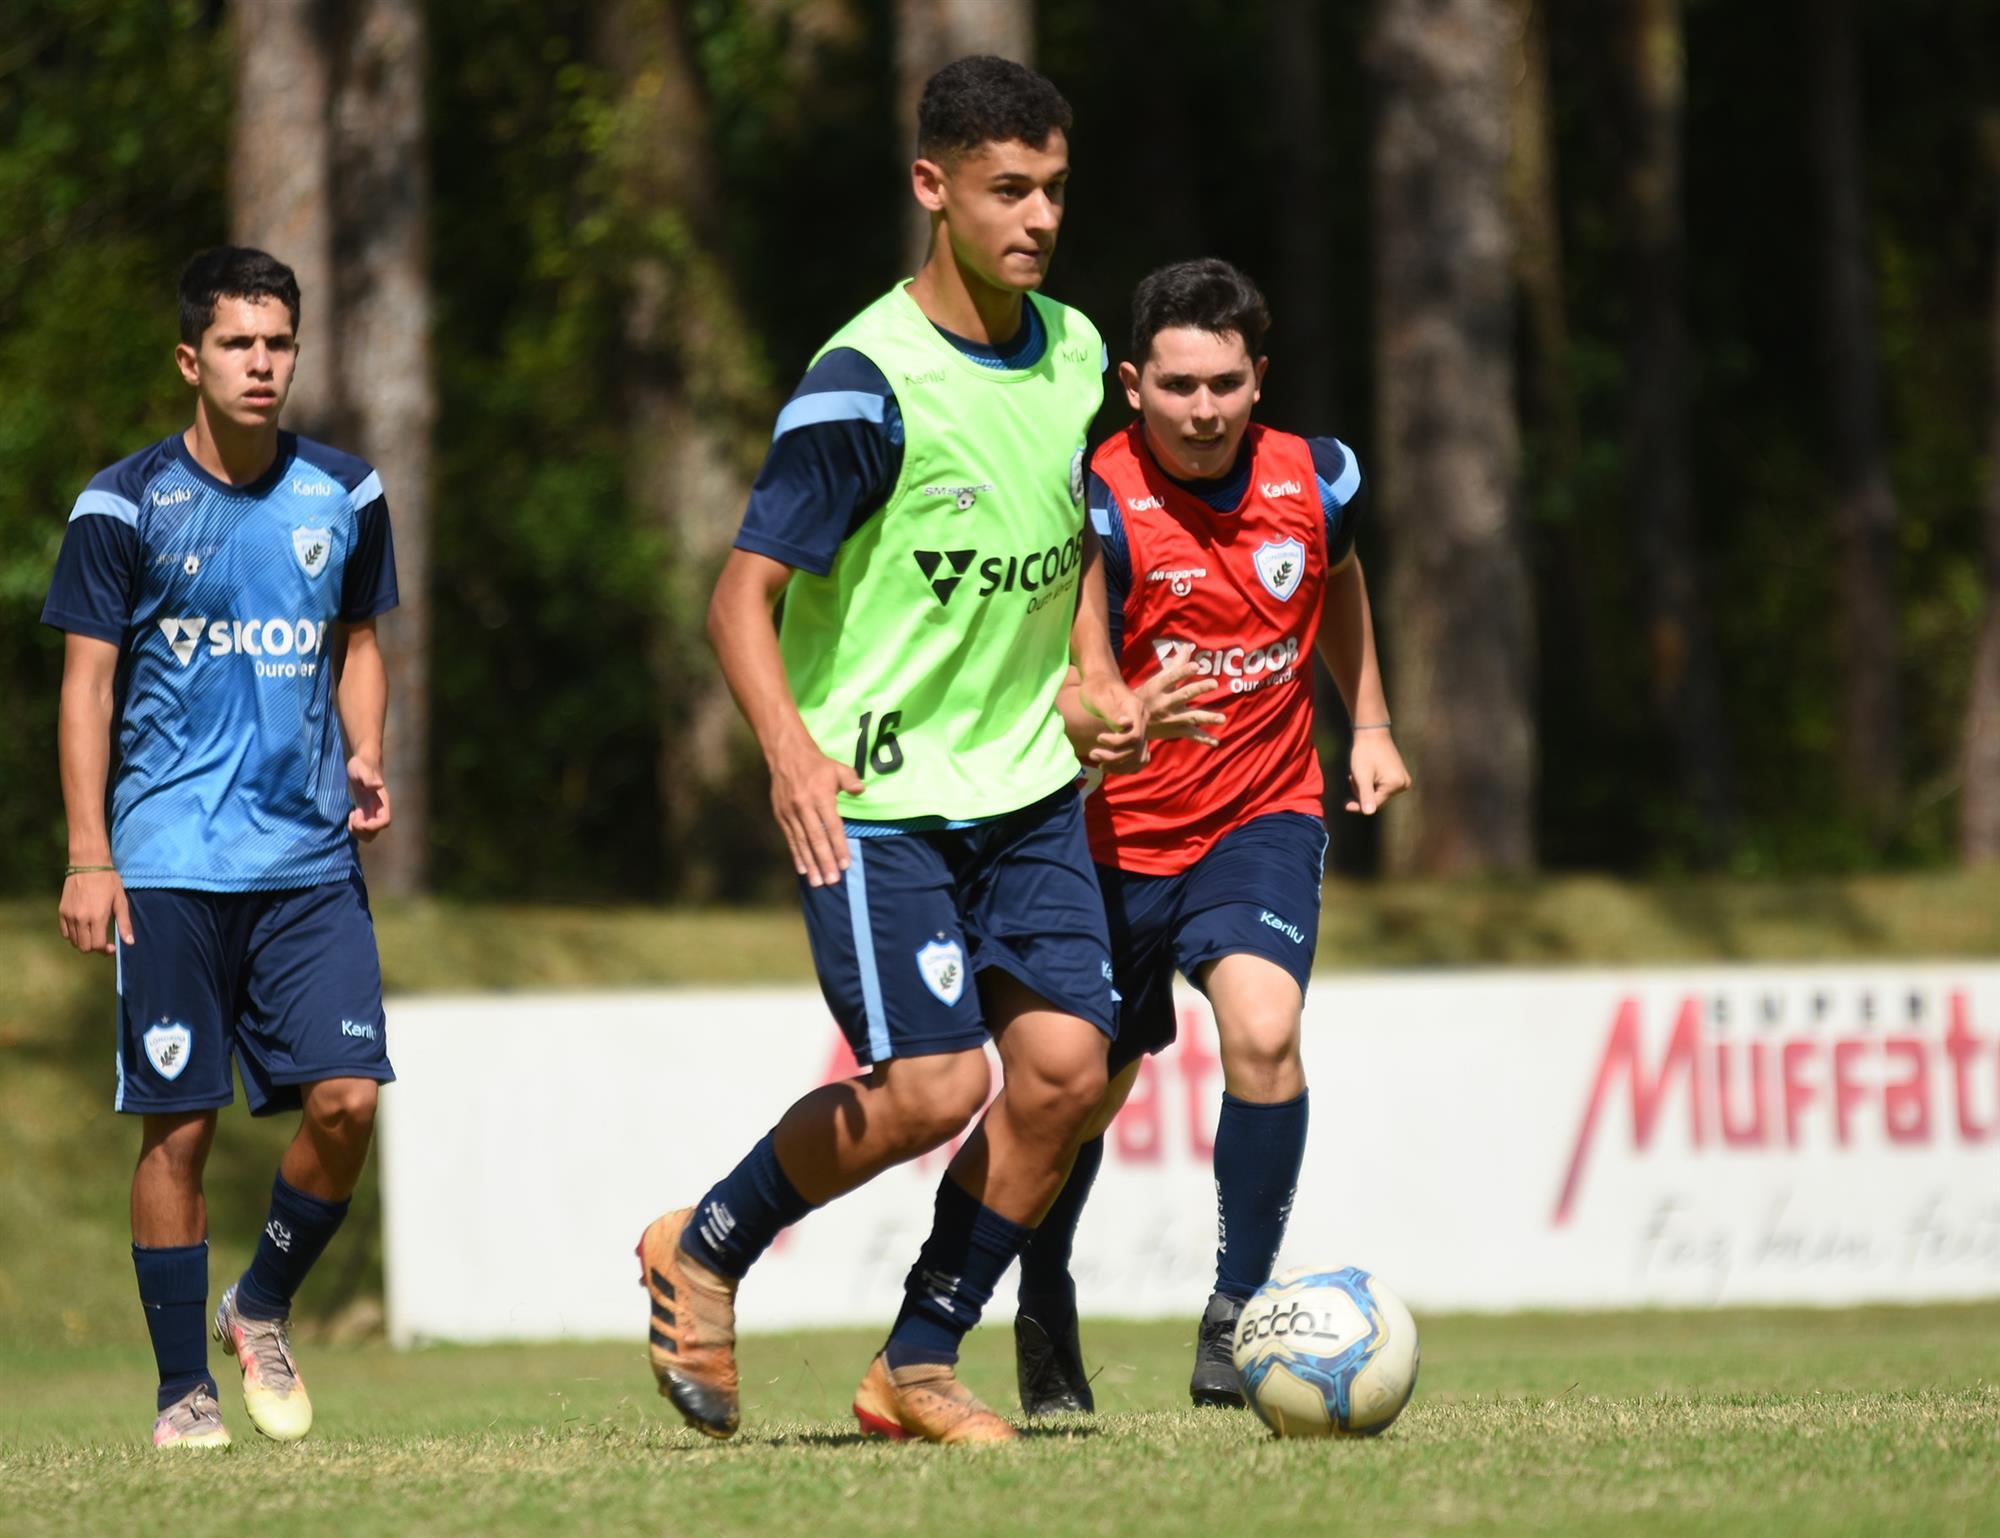 Sport x Londrina: Informações e dados